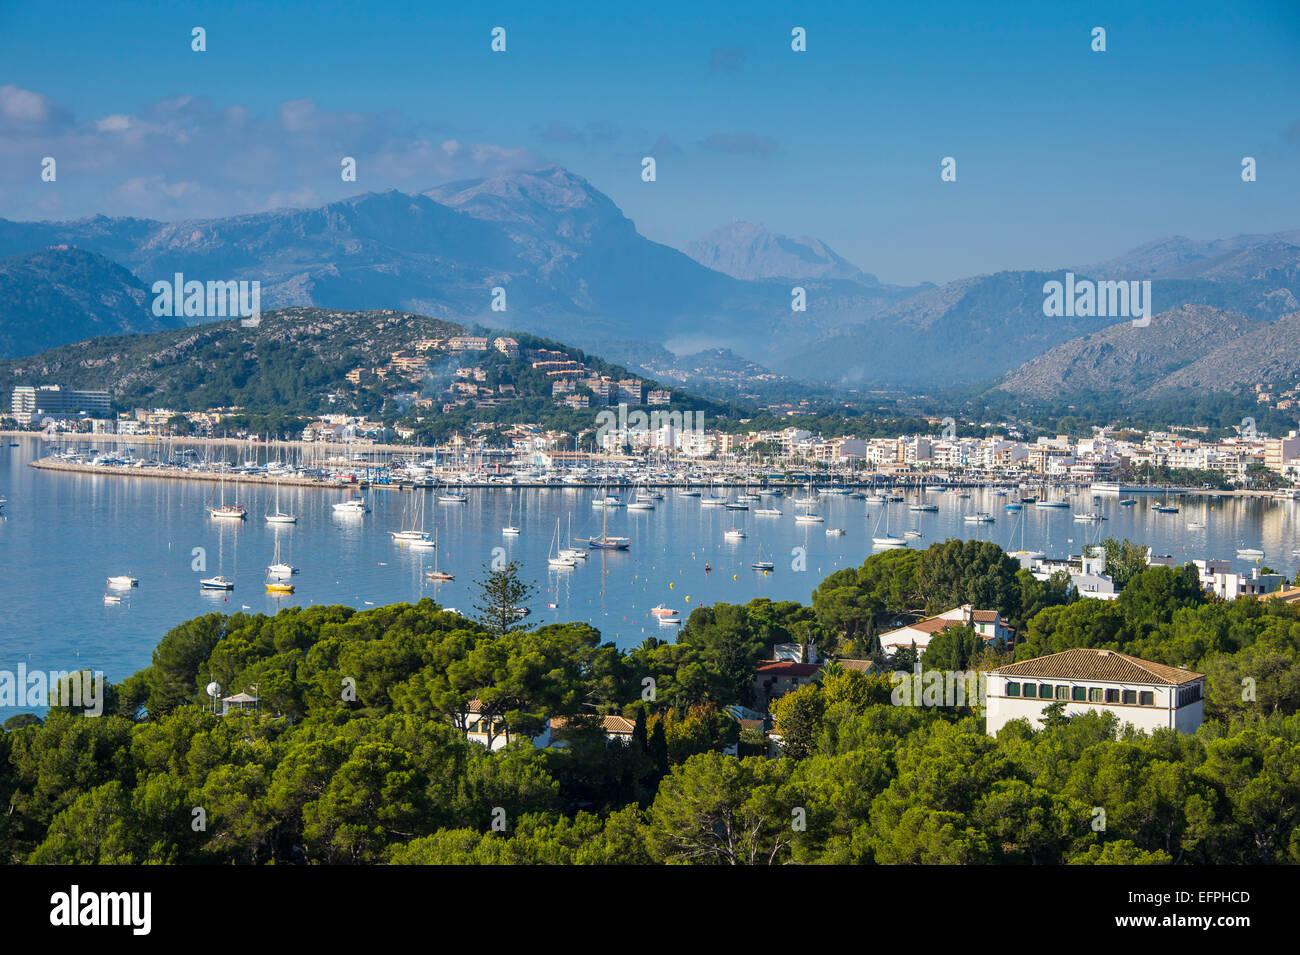 Vue sur la baie de Port de Pollença avec de nombreux bateaux à voile, Majorque, Iles Baléares, Espagne, Photo Stock